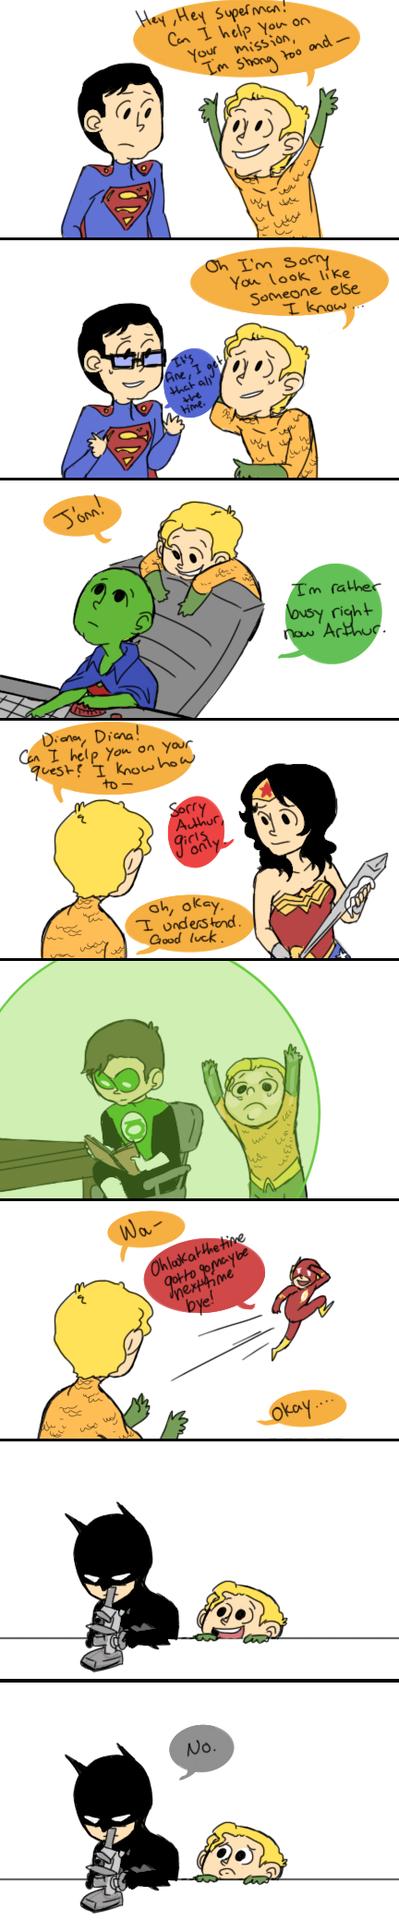 Poor Aquaman Aquaman Batman And Comic - 14 hilarious pictures of sad batman